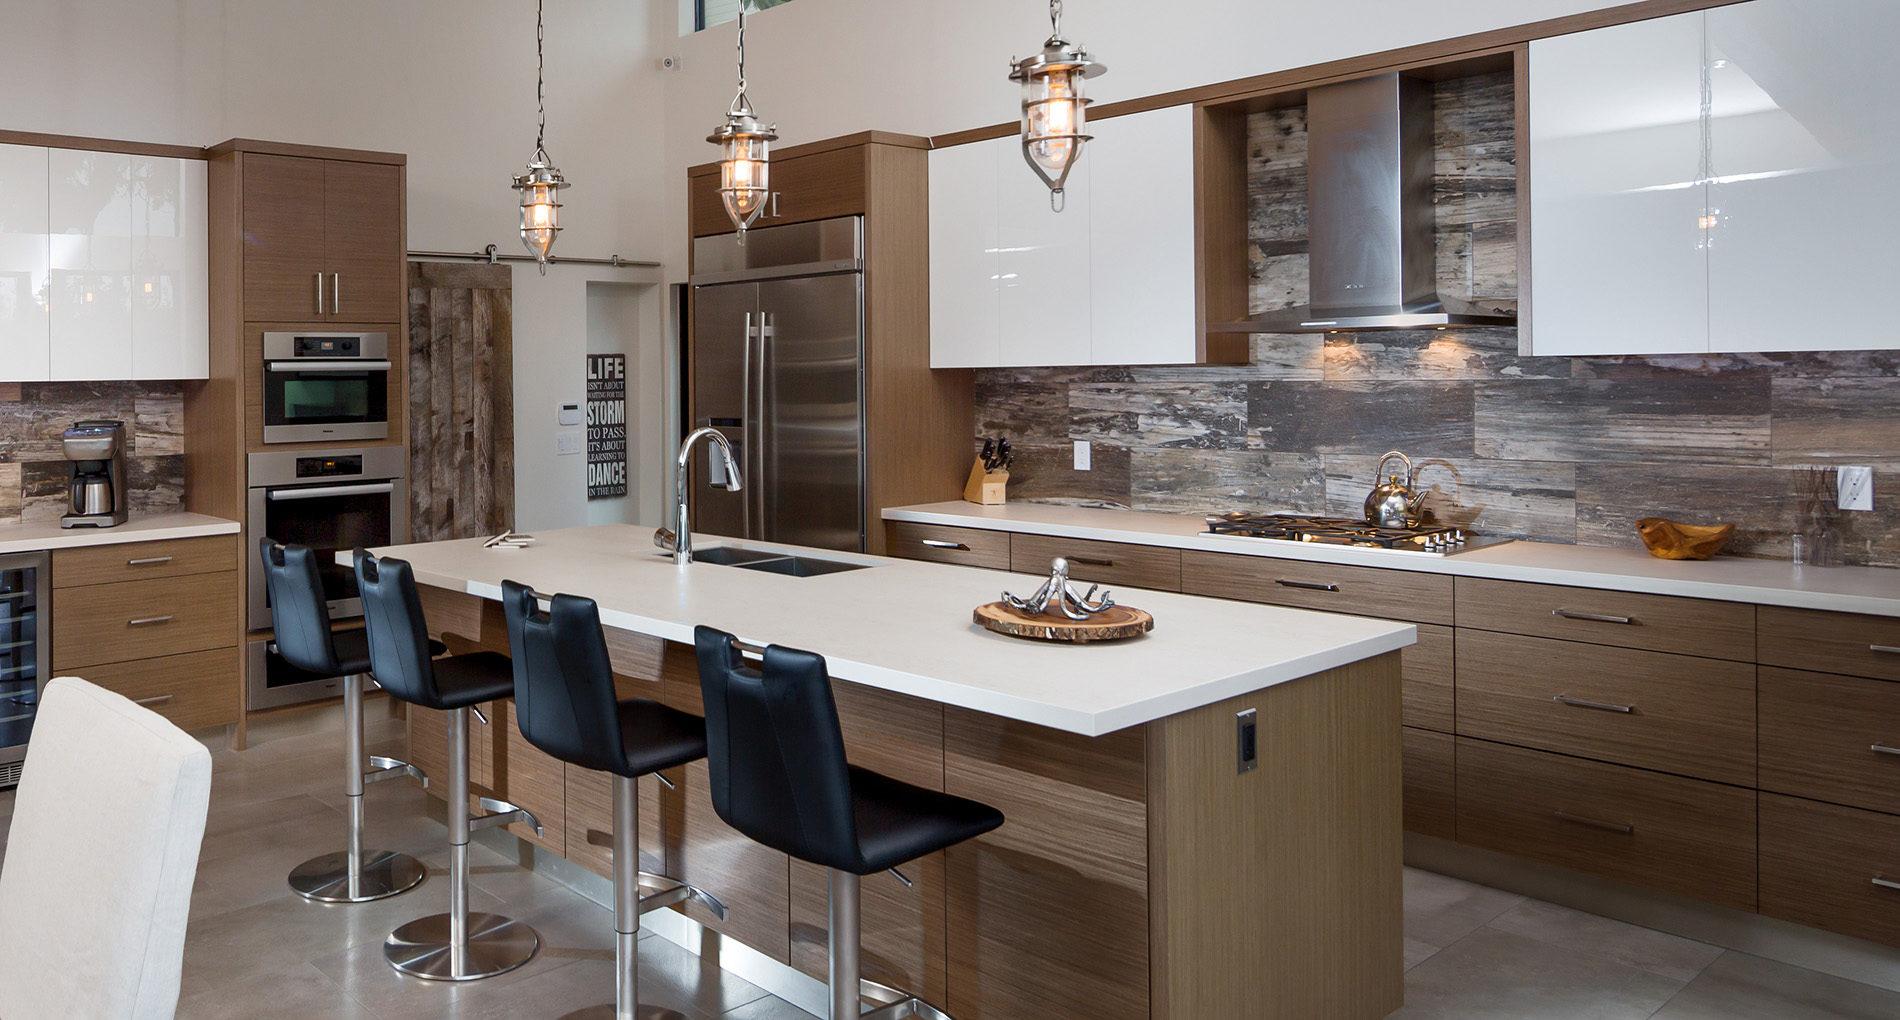 Kitchen Renovation Victoria Cliffcustom Slider